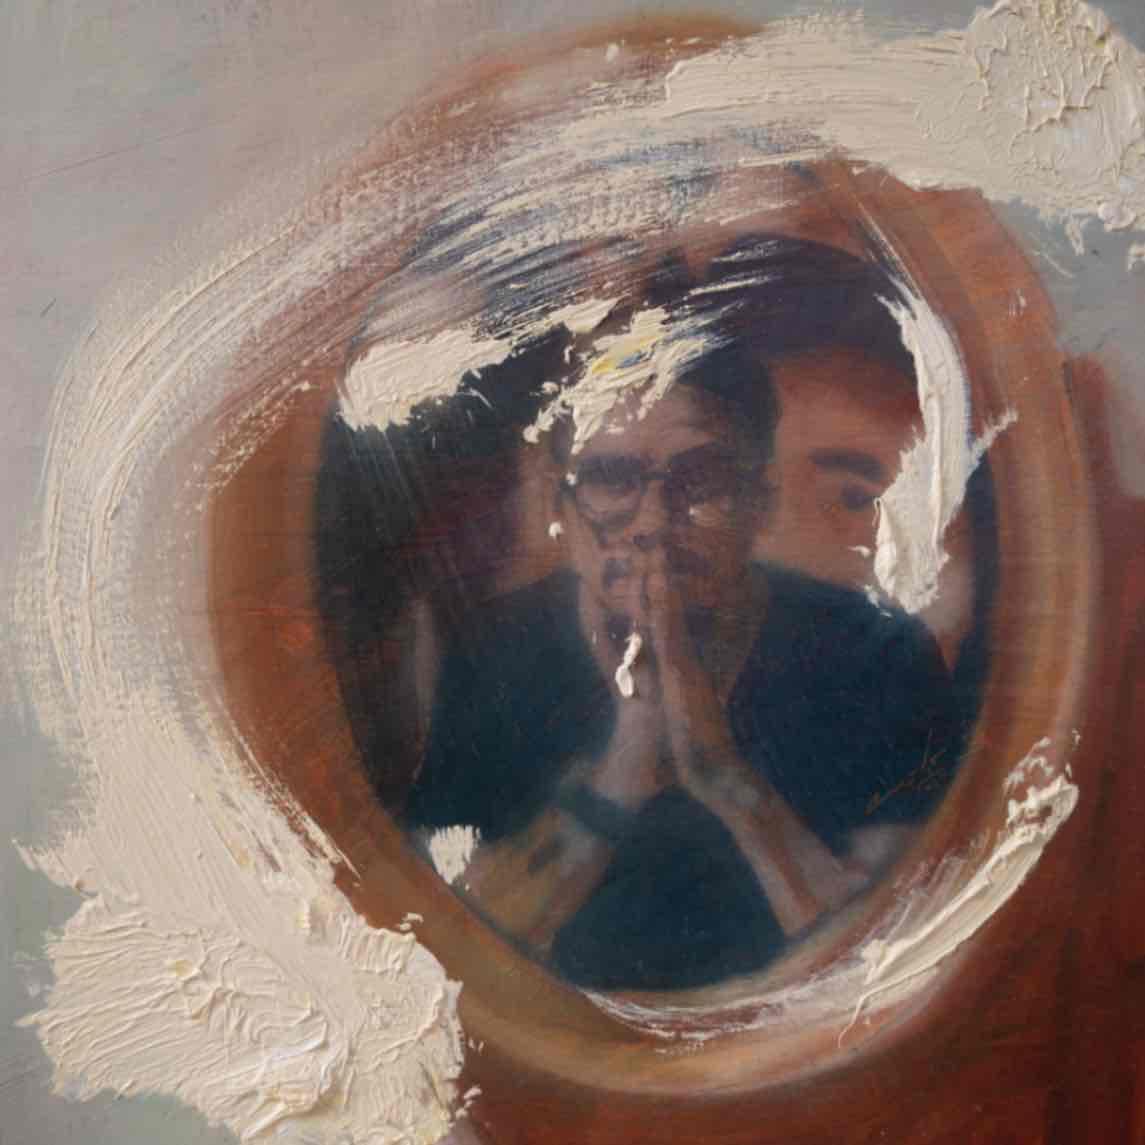 Obra: Autorretrato 🆚 Mirror Selfies 🙏🏻